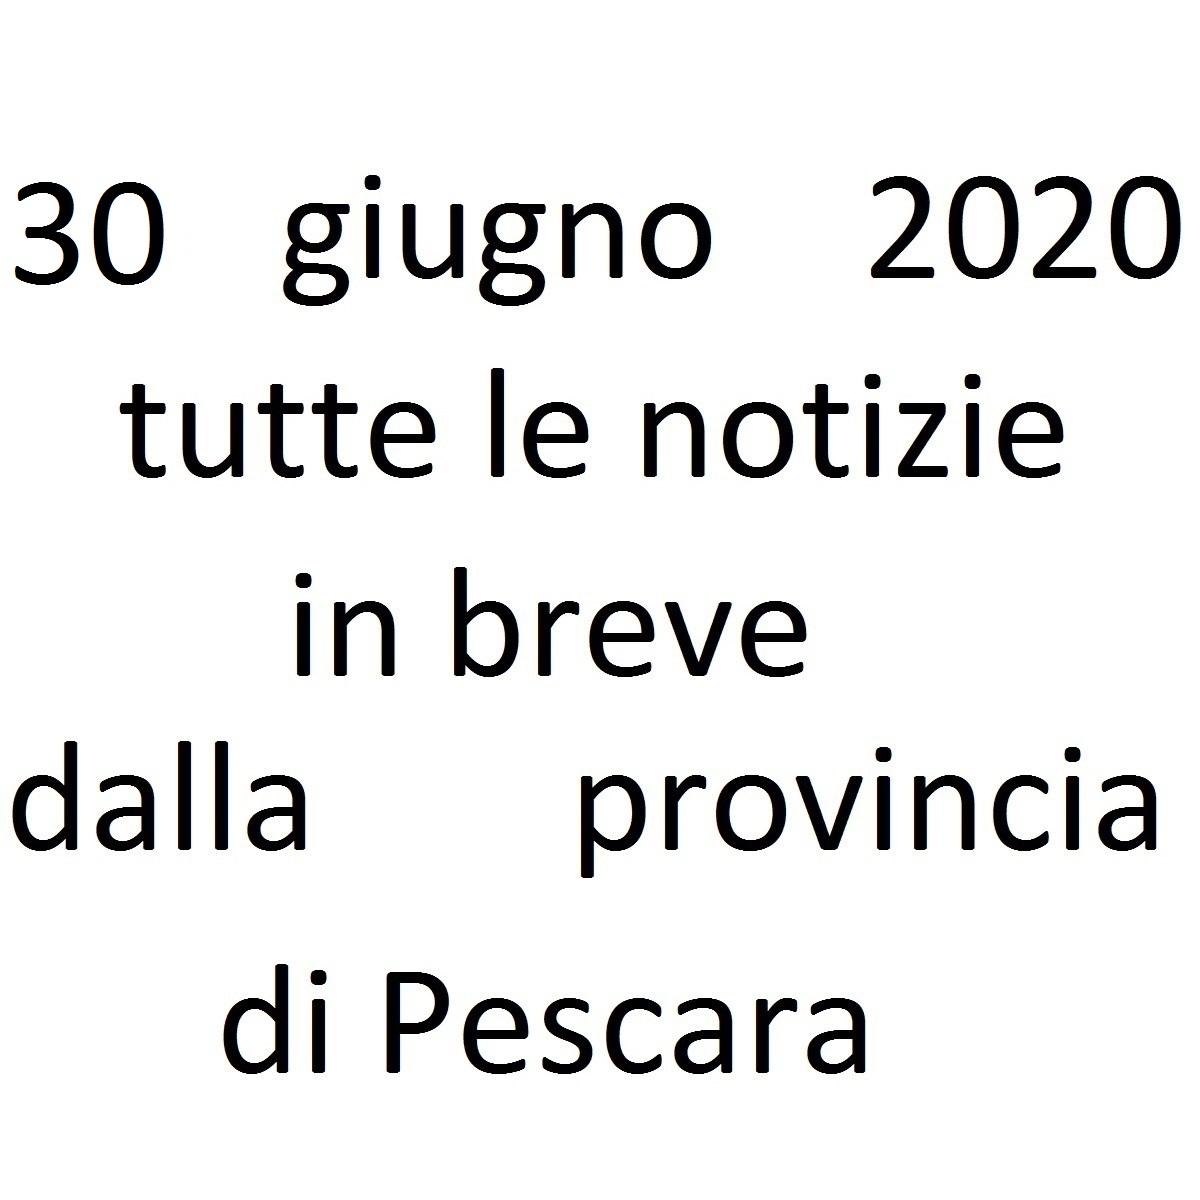 30 giugno 2020 notizie in breve dalla Provincia di Pescara foto